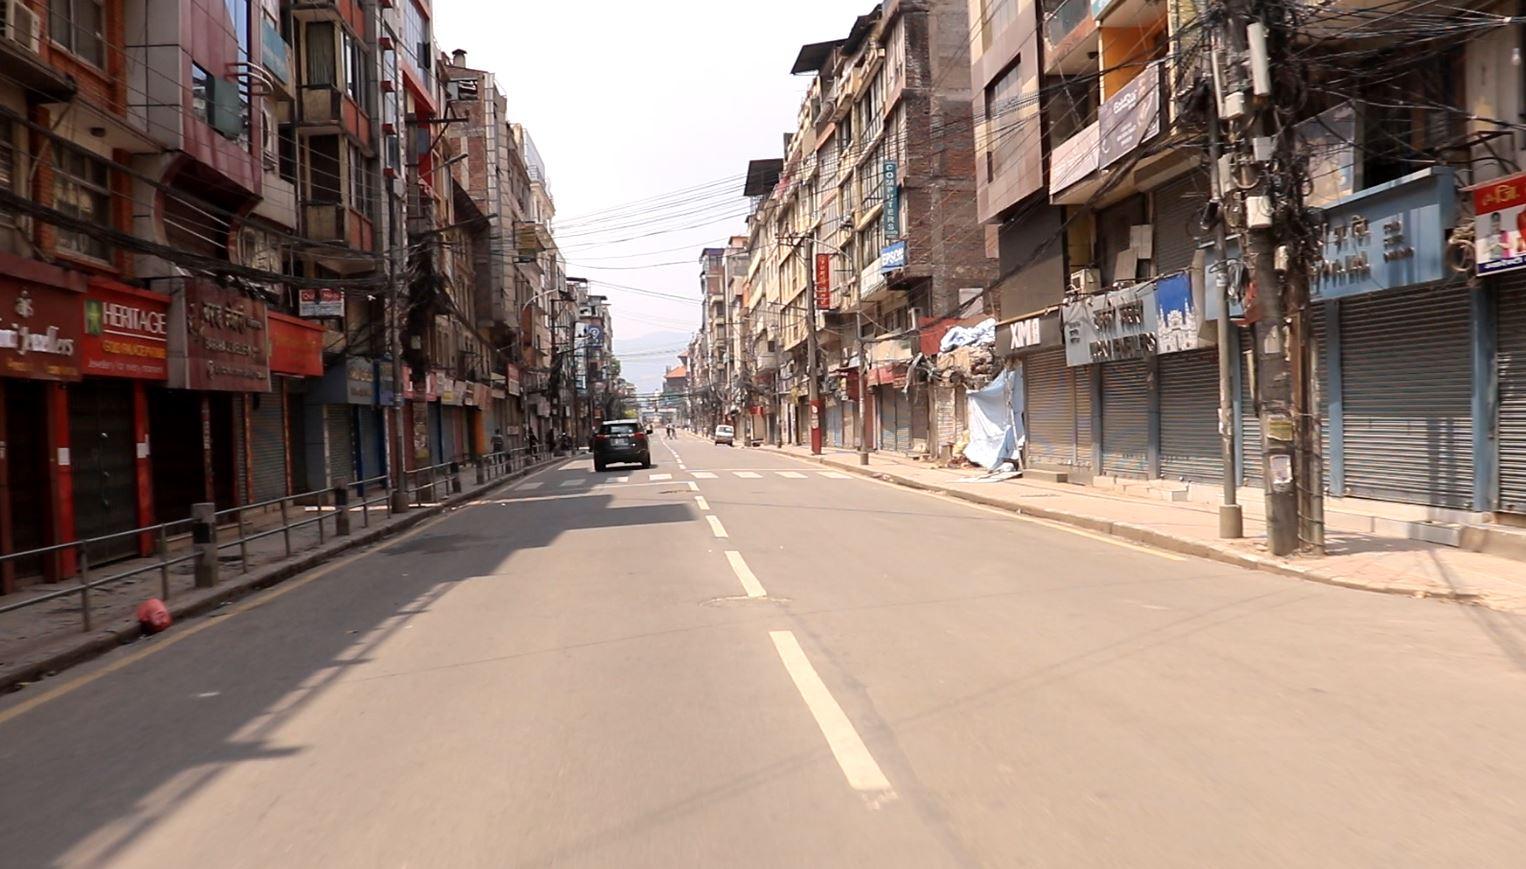 लकडाउनकैबीचमा काठमाडौ उपत्यकाका व्यापारीहरुले विहान ११ बजेसम्म् सबै पसल खोल्ने